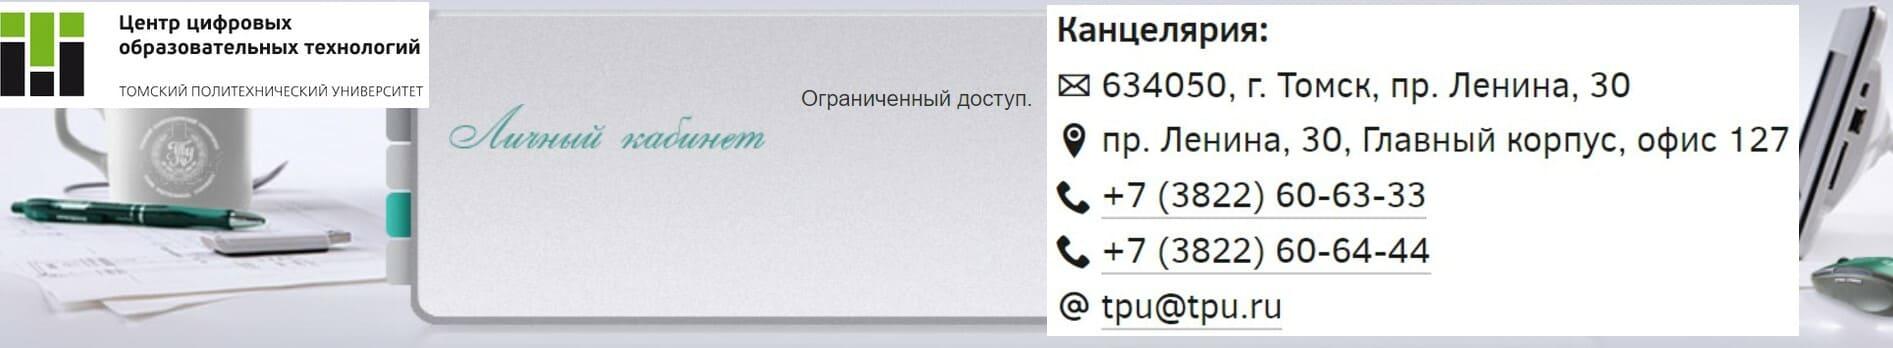 Официальный сайт Томского Политеха